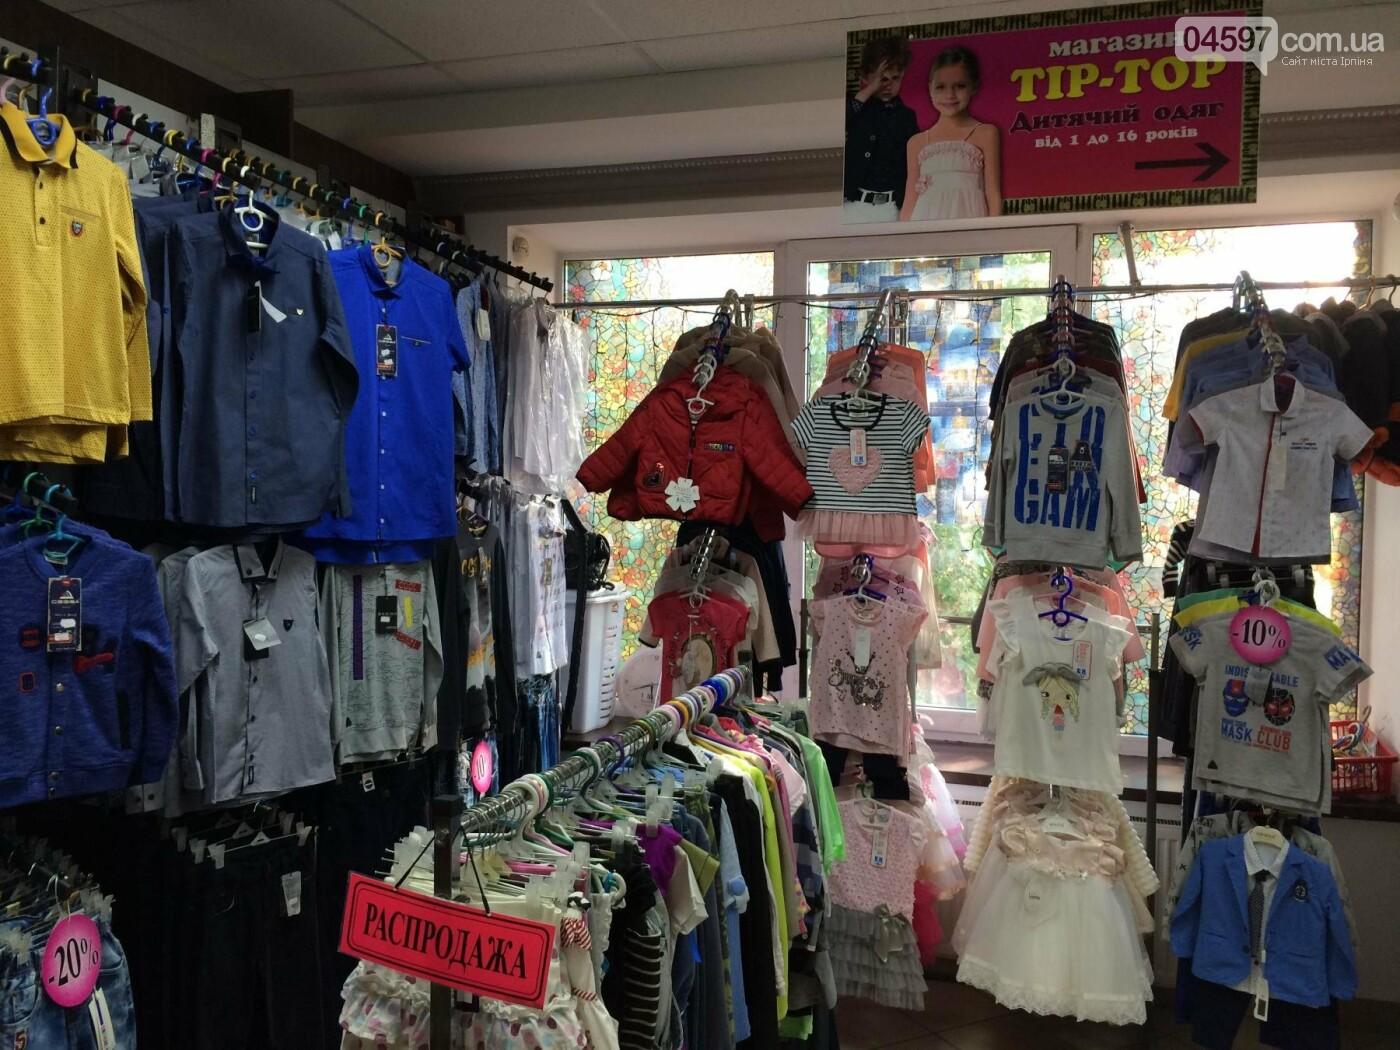 3c9f5eda872fad Де купити дитячий одяг в Ірпені: асортимент та ціни - 04597.com.ua